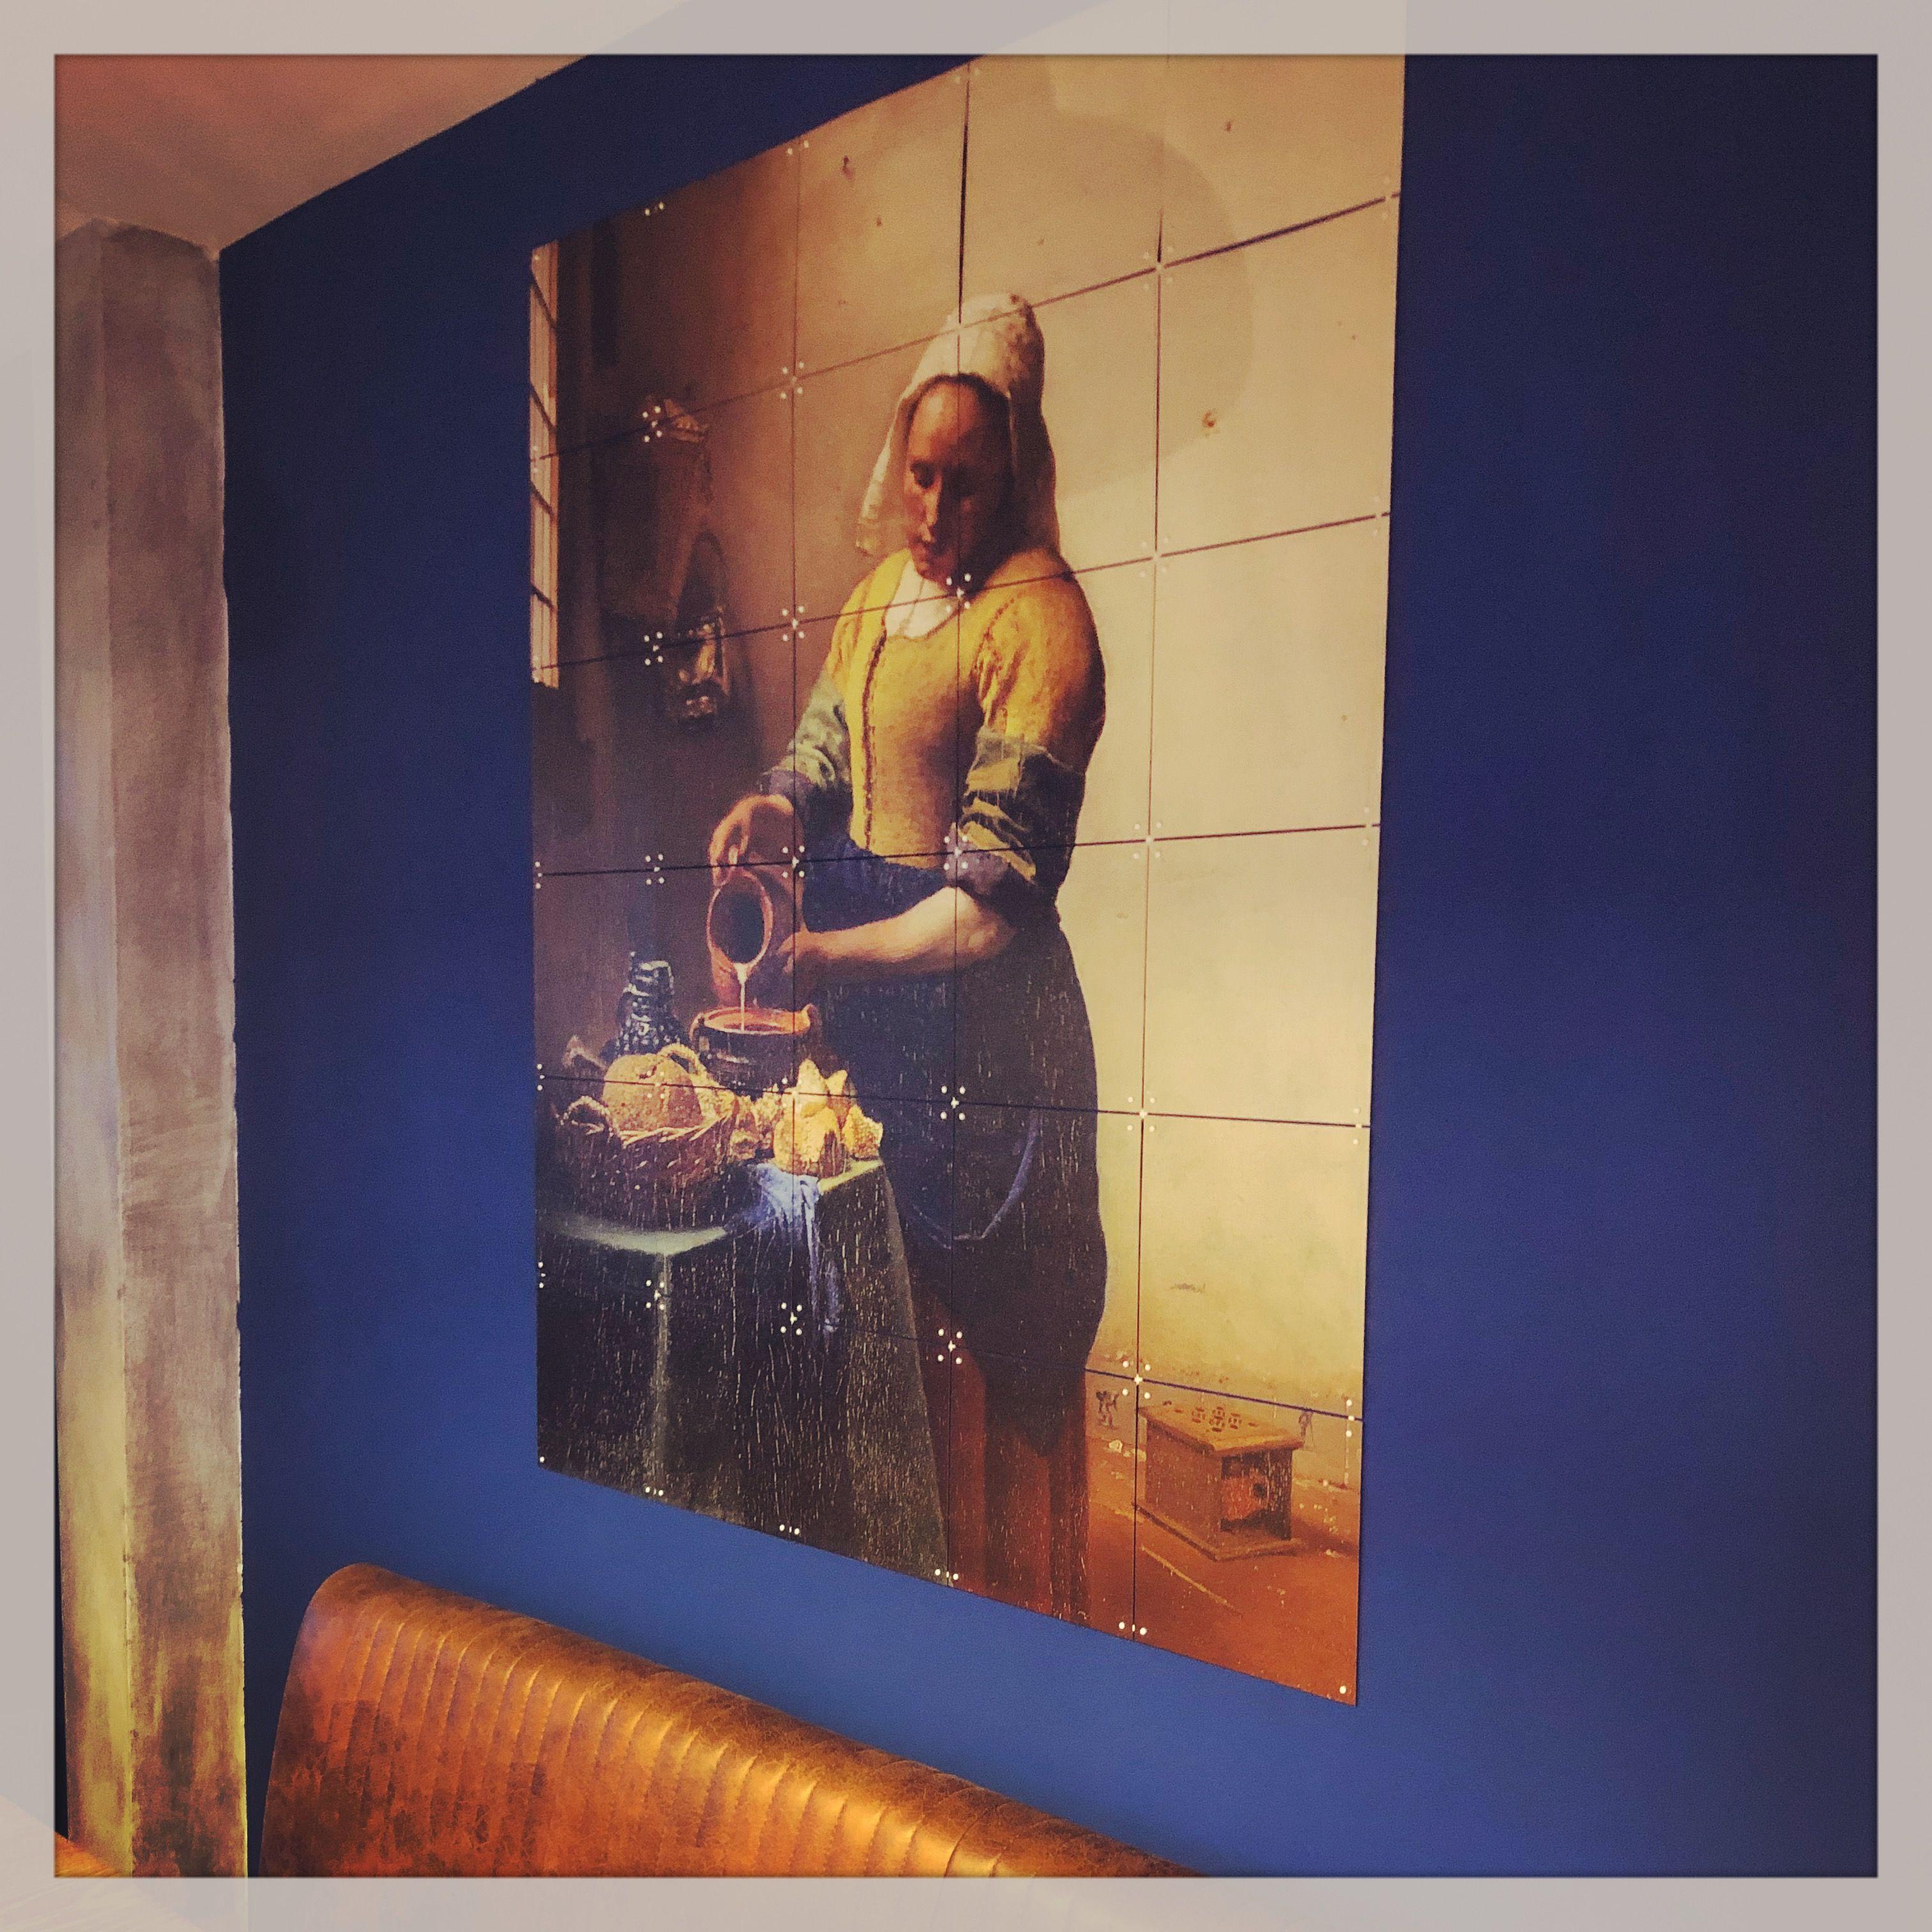 Muurverf Histor Color Collection Empire Blue Ixxi 100×120  # Muebles Van Gogh Valladolid